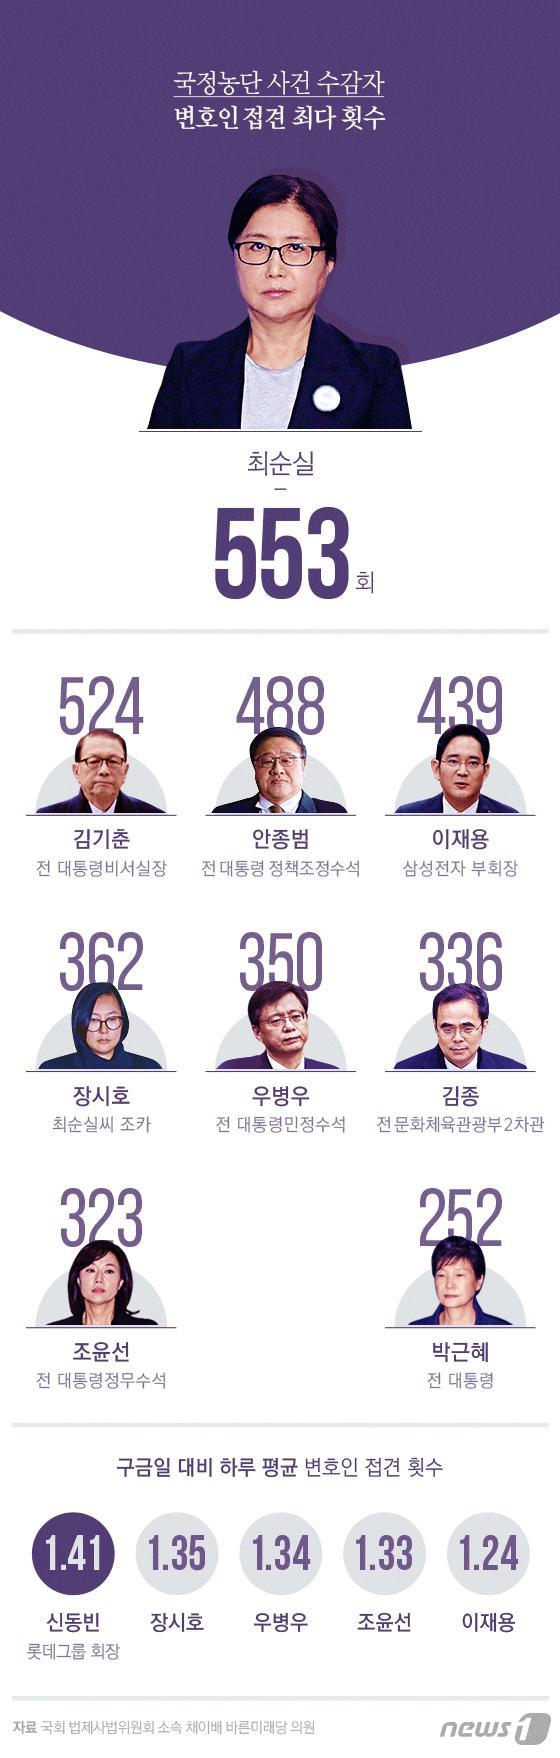 [그래픽뉴스] 최순실 수감 669일 동안 변호사 553회 접견